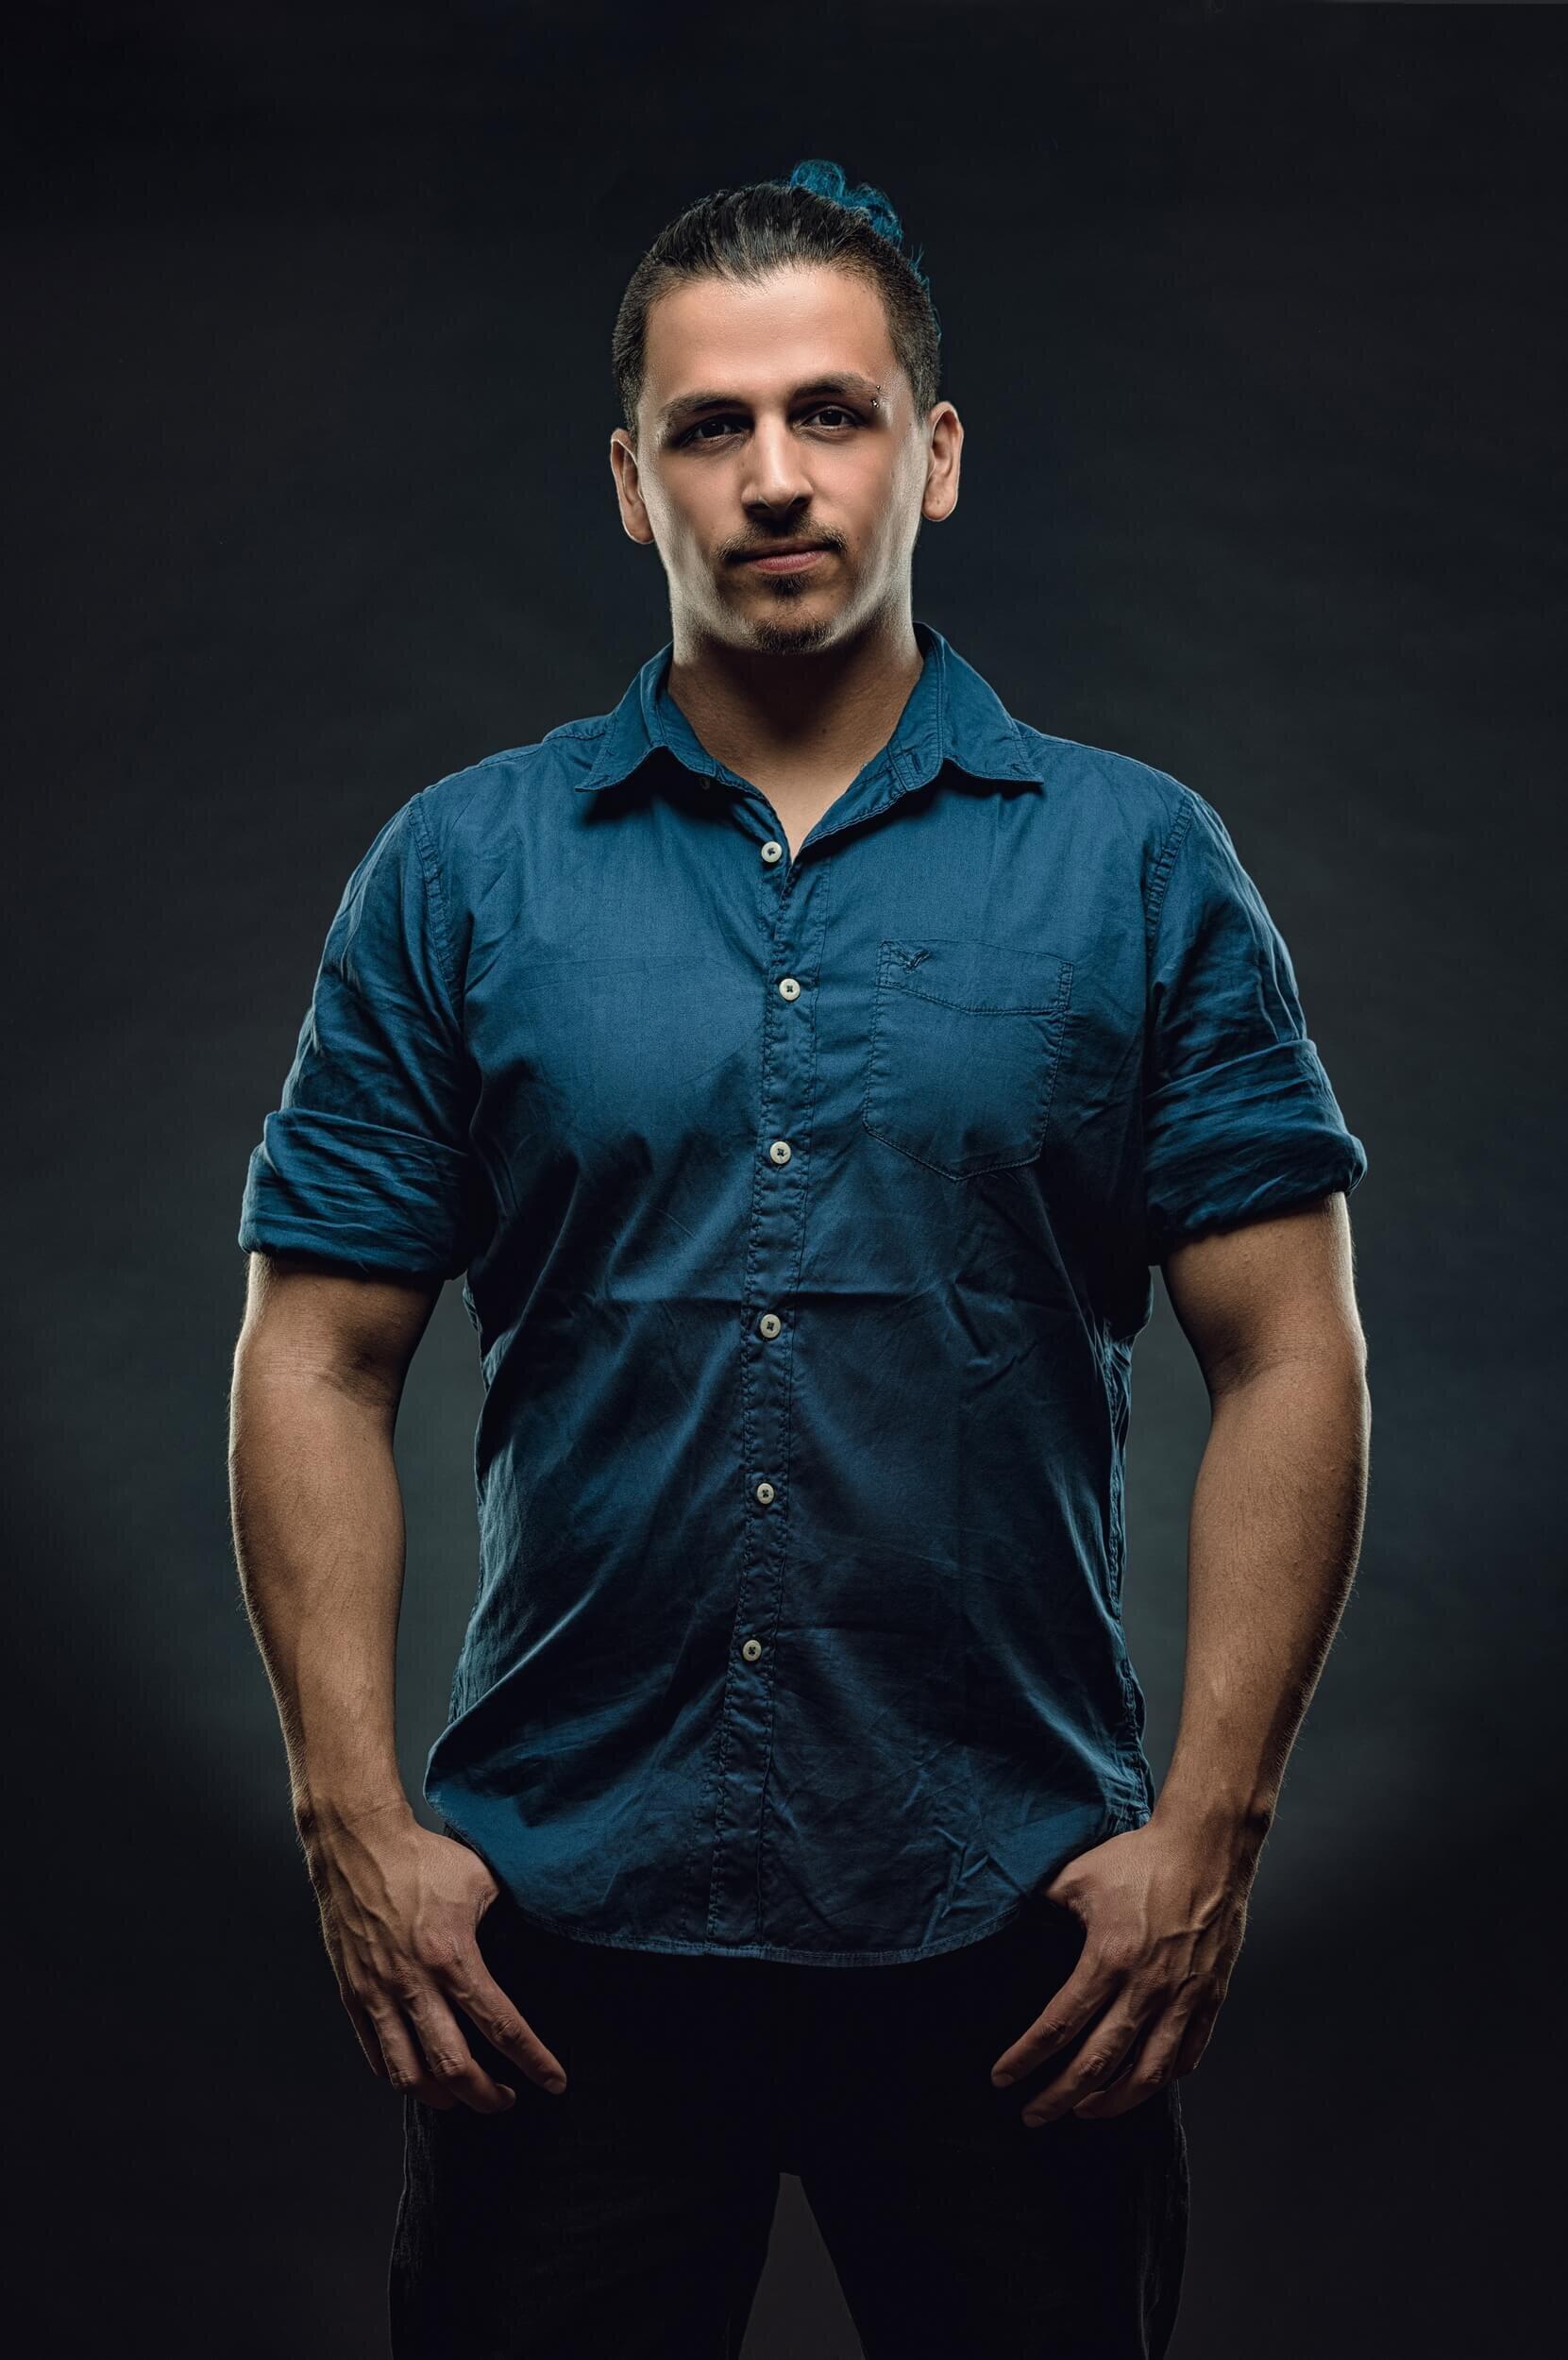 צילום תדמית של בחור צעיר עם חולצה כחולה מכופתרת